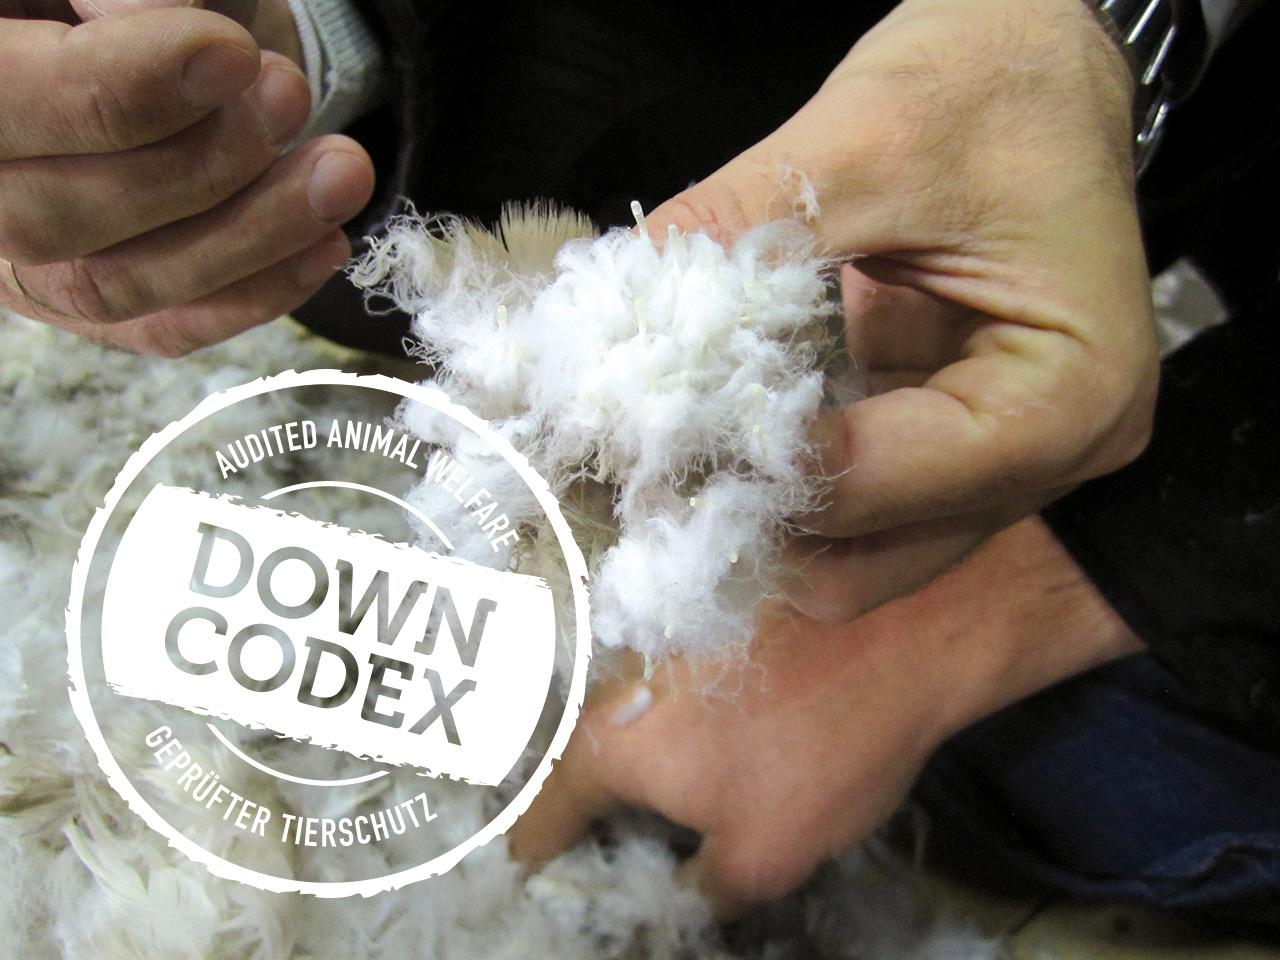 DOWN CODEX